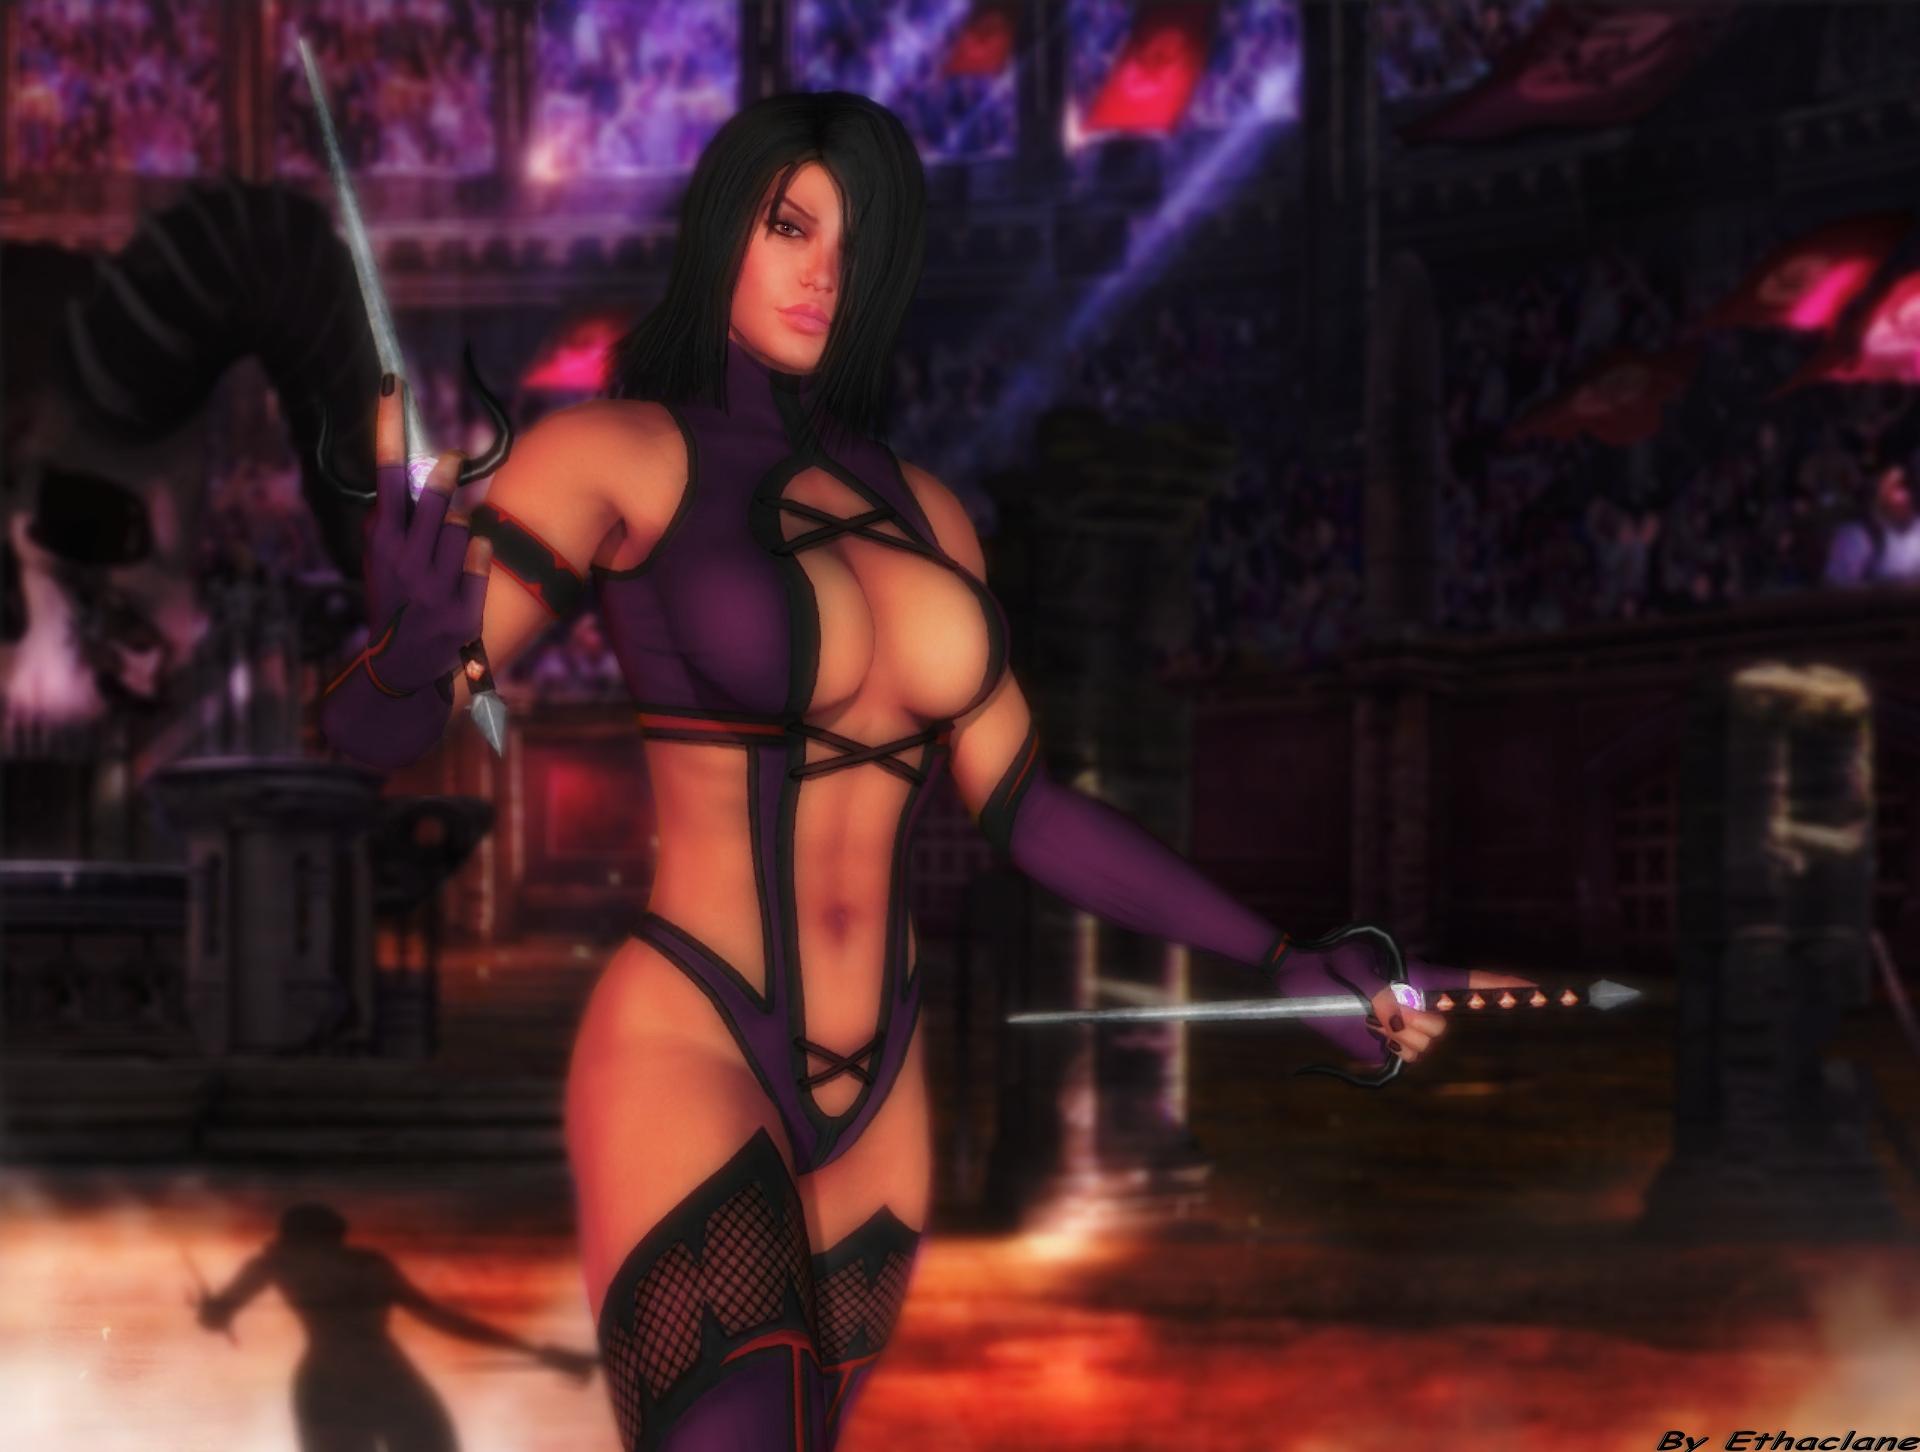 Mortal Kombat Jade Kitana Mileena - 601.4KB